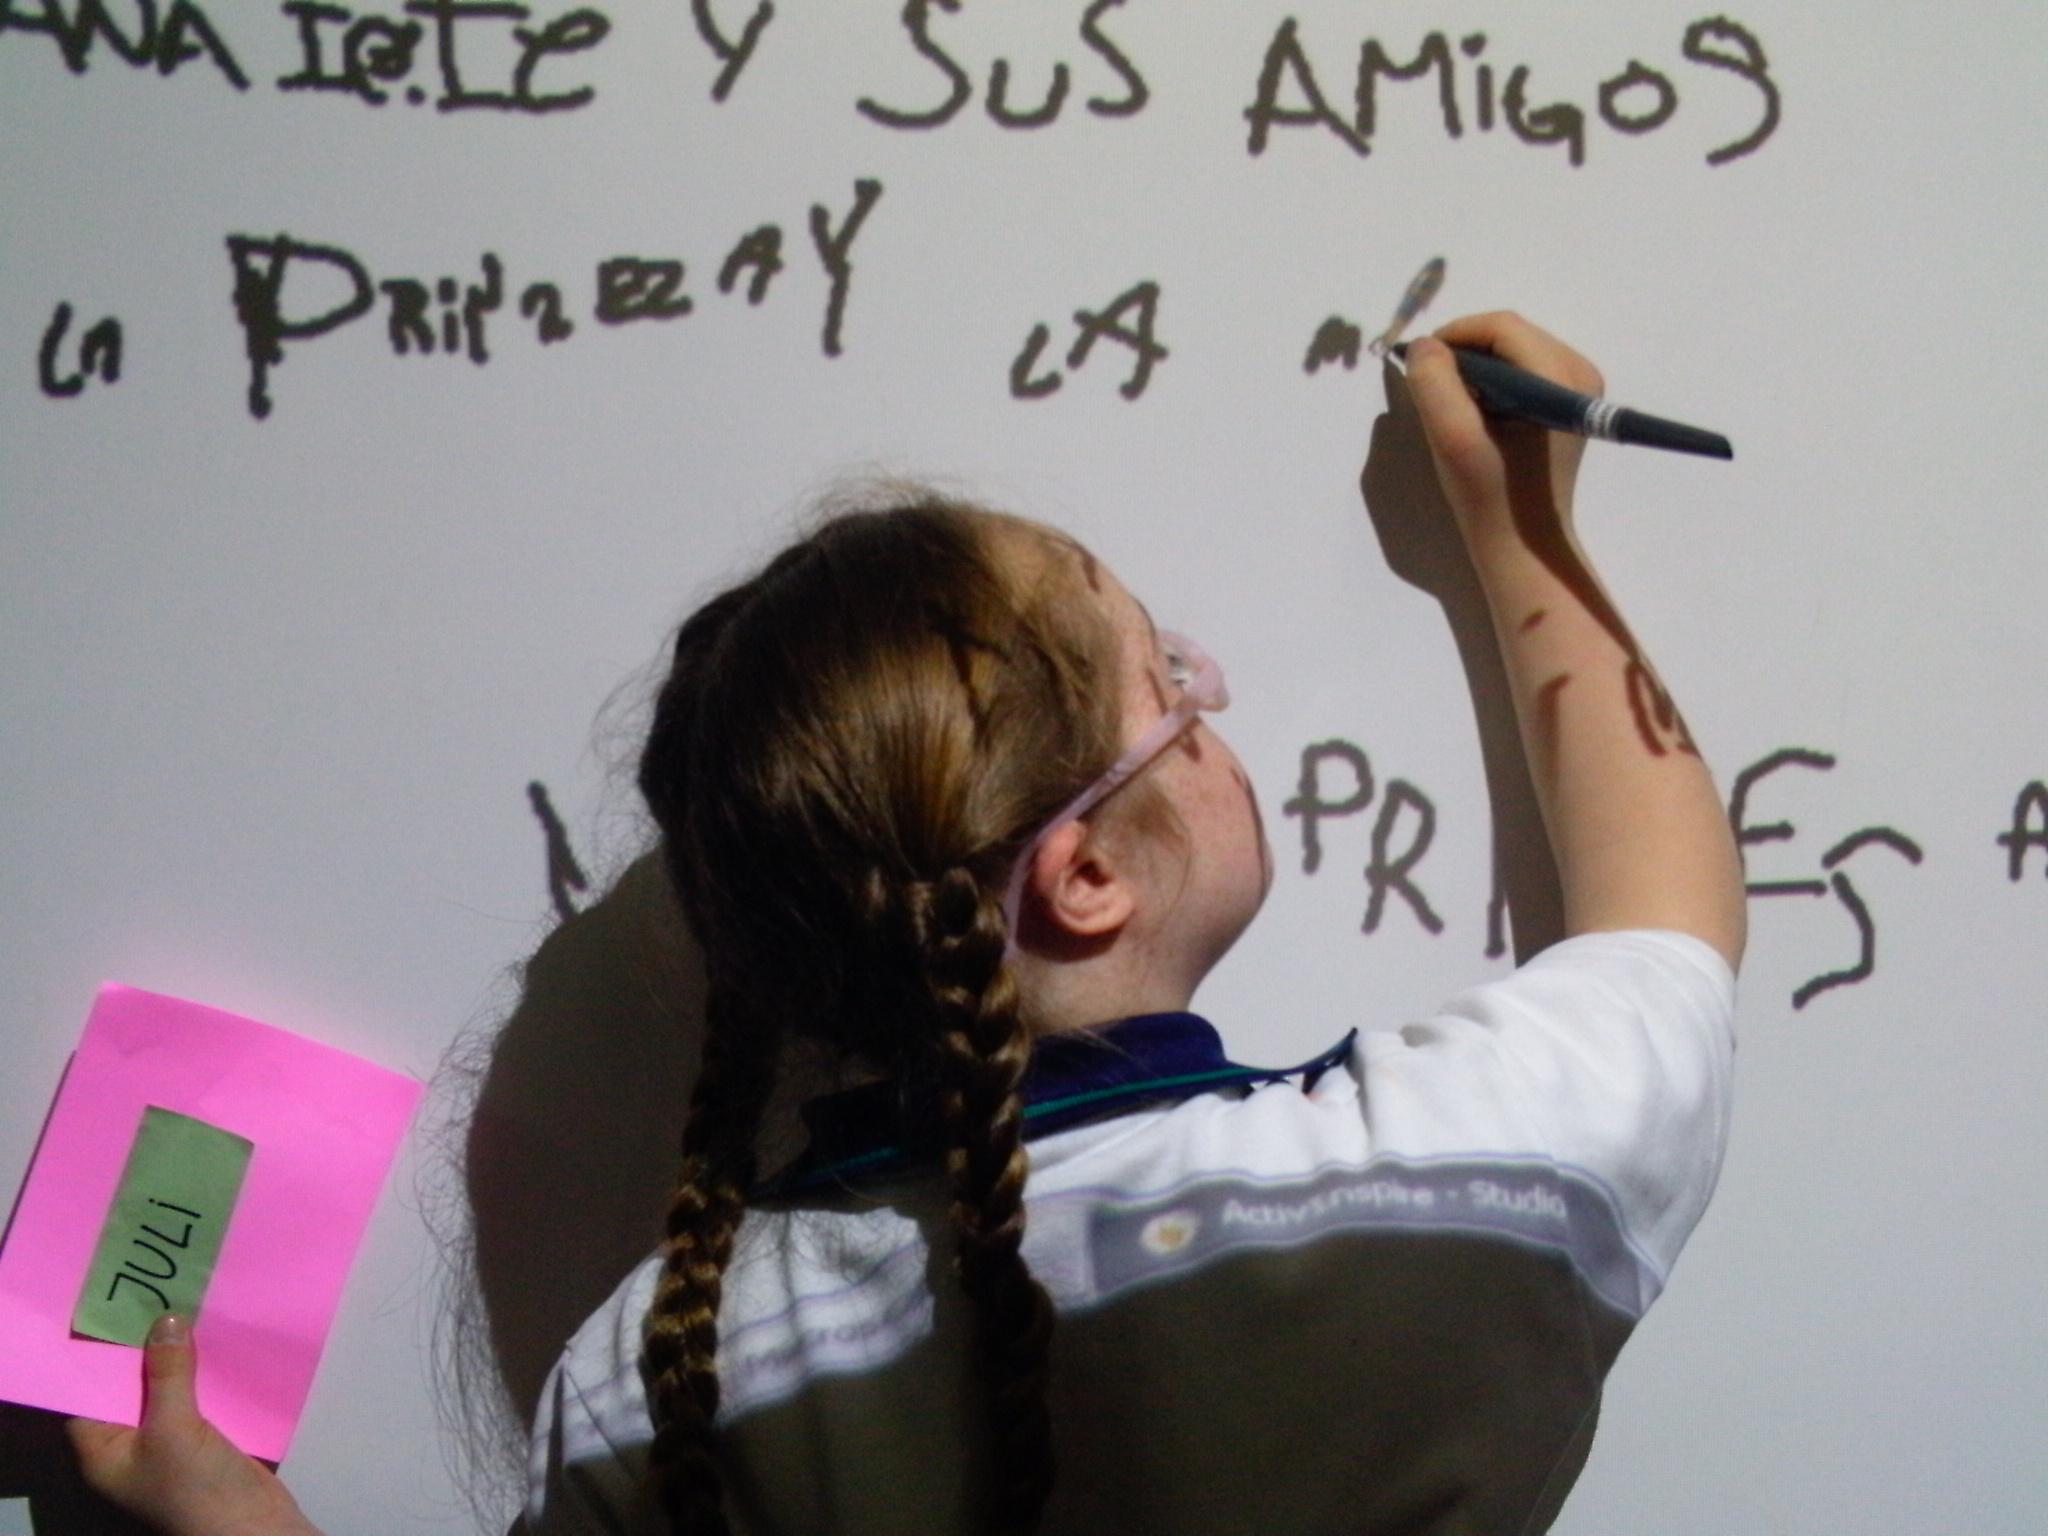 ¿El Estado está obligado a asegurar el derecho a la educación inclusiva?